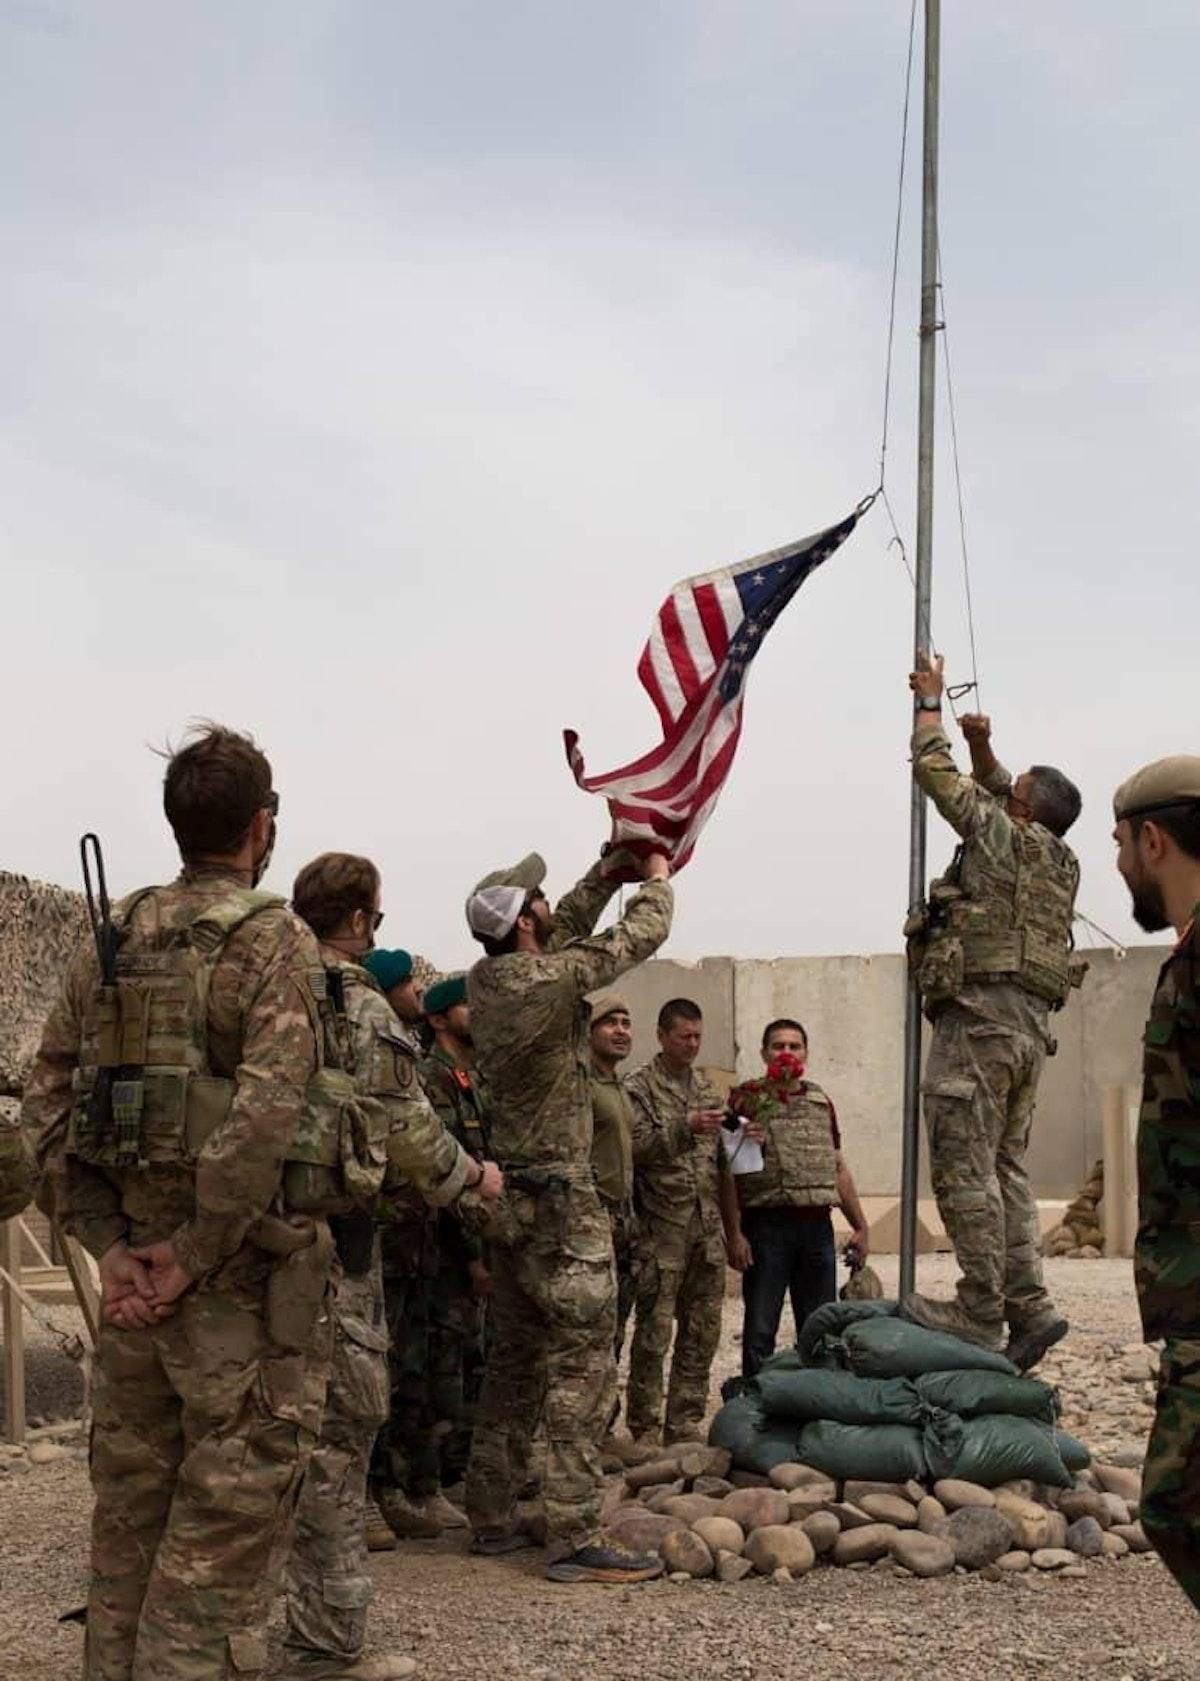 جانب من مراسم تسليم القوات الأميركية معسكر أنتونيك إلى نظيرتها الأفغانية في إقليم هلمند - REUTERS